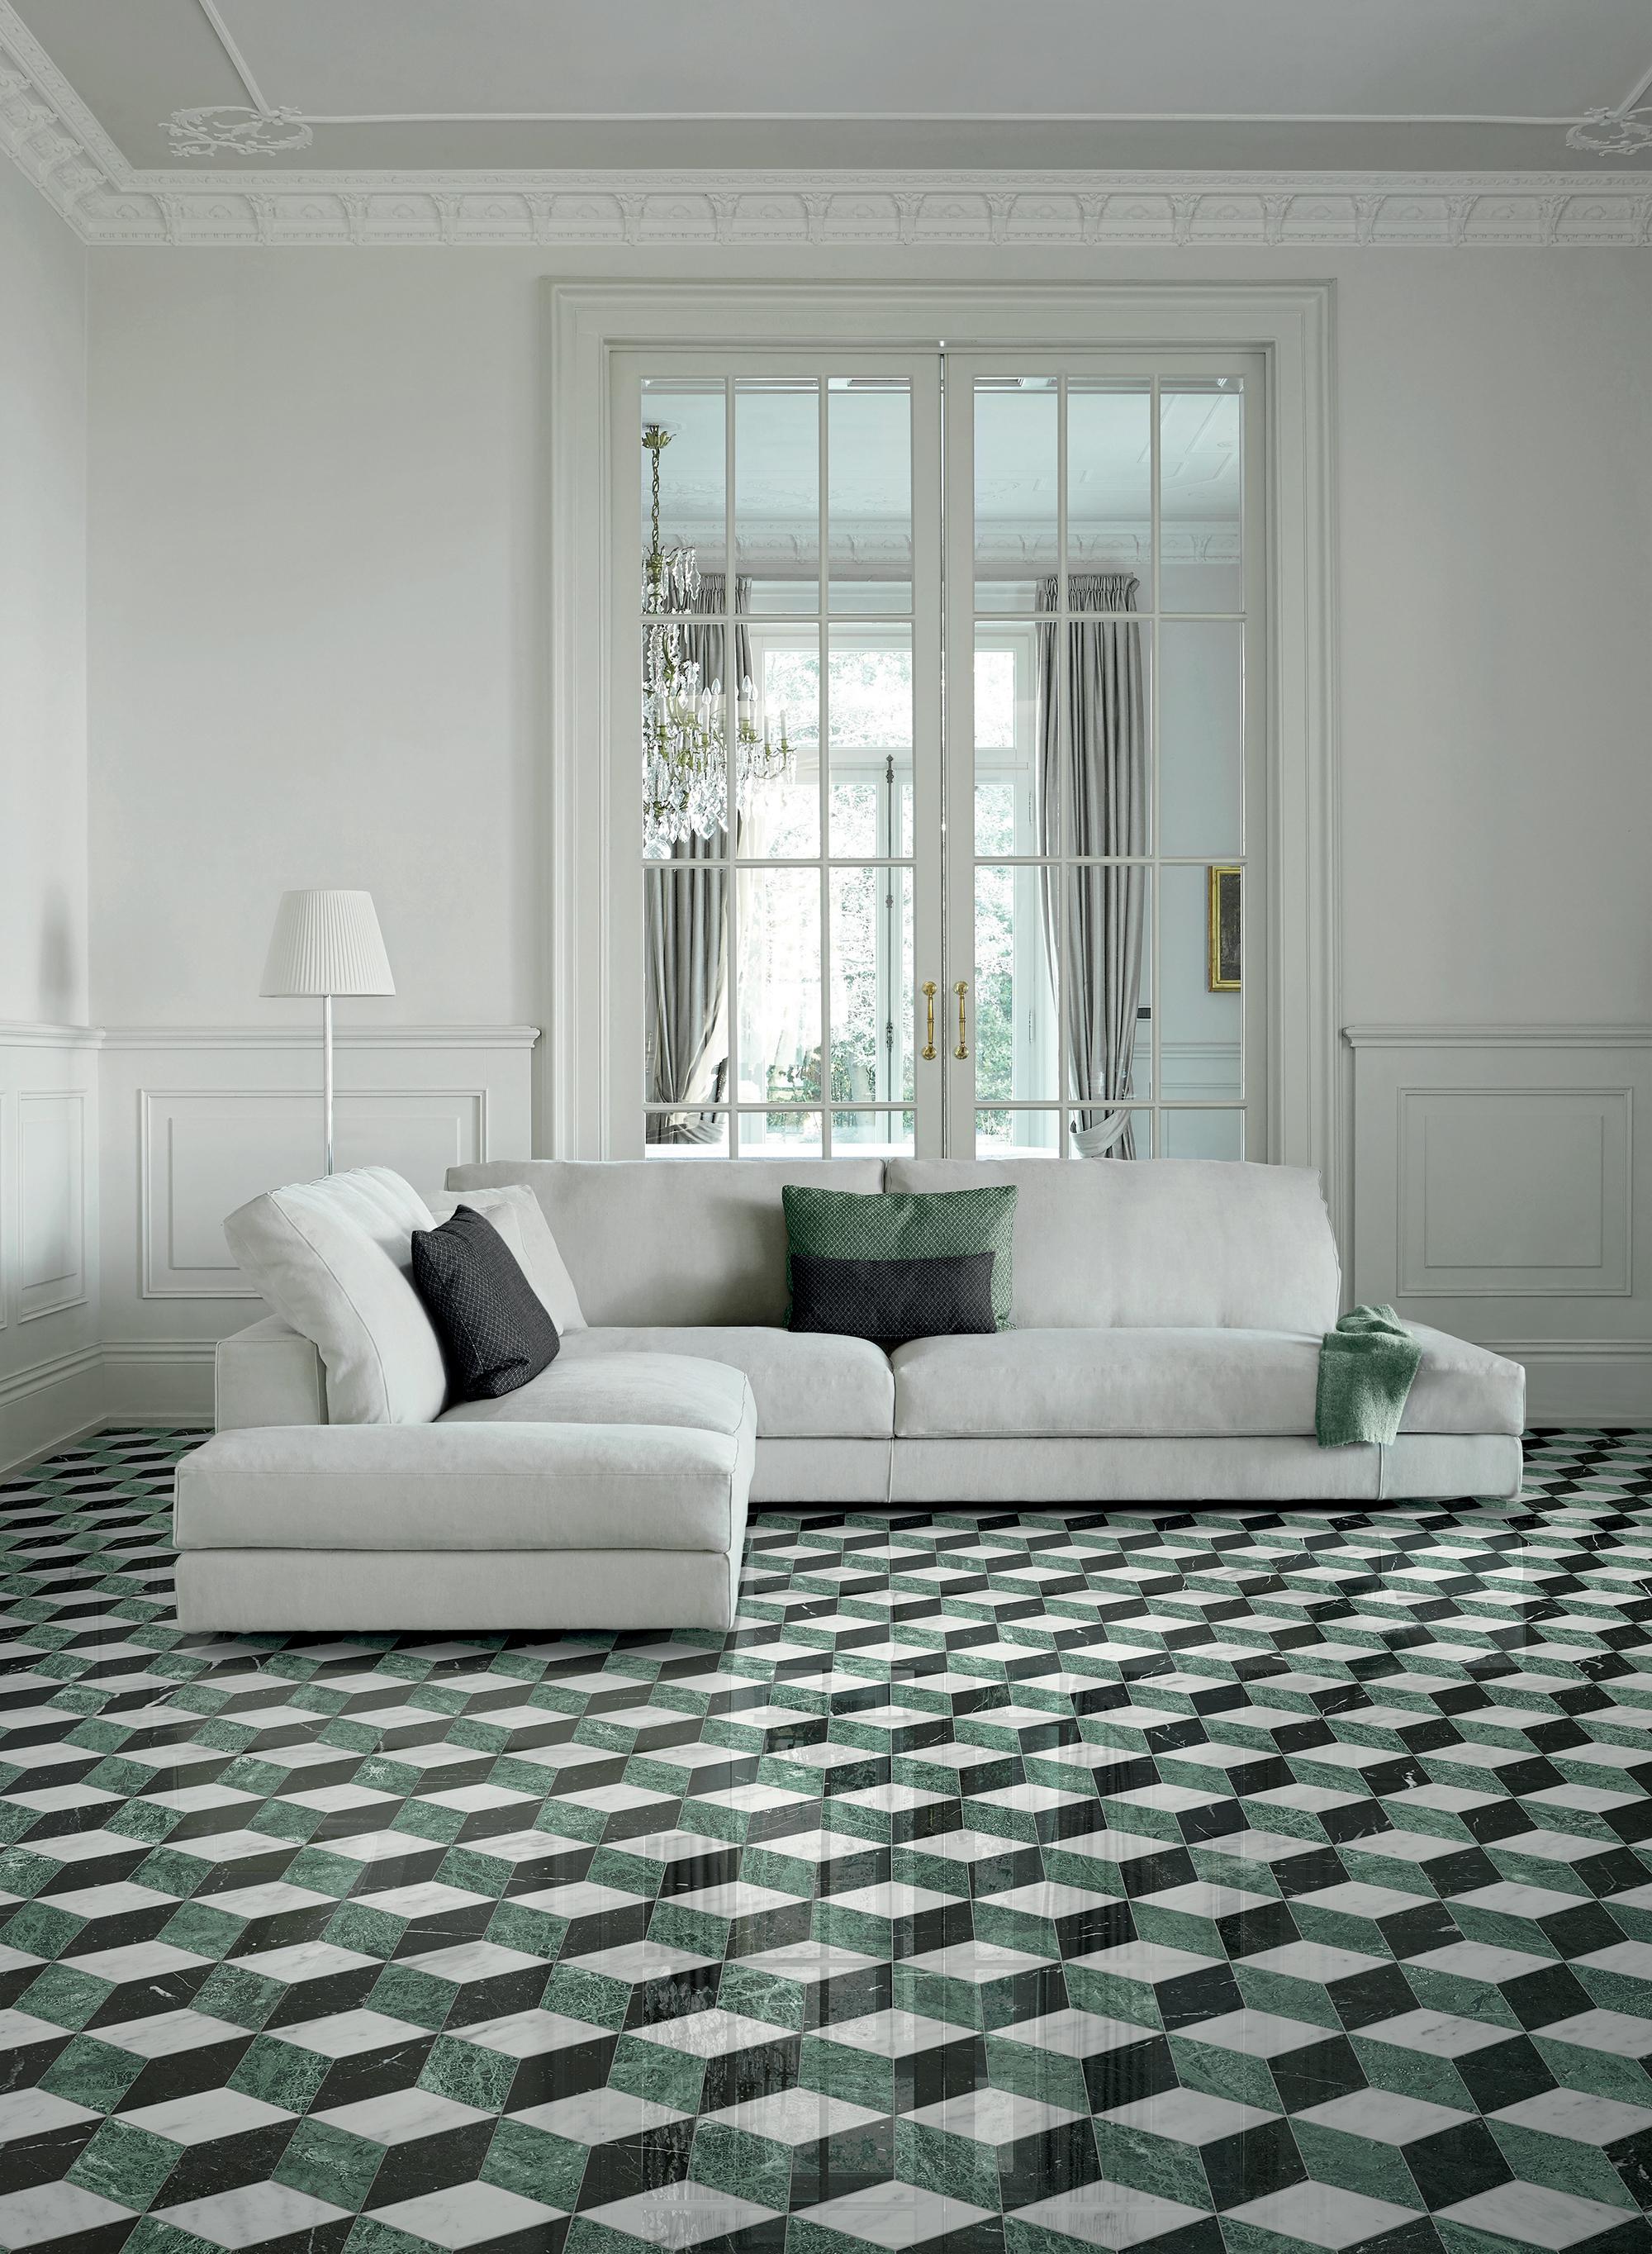 Coleção Marmo, da Bisazza, brinca com diferentes formas geométricas de forma elegante.